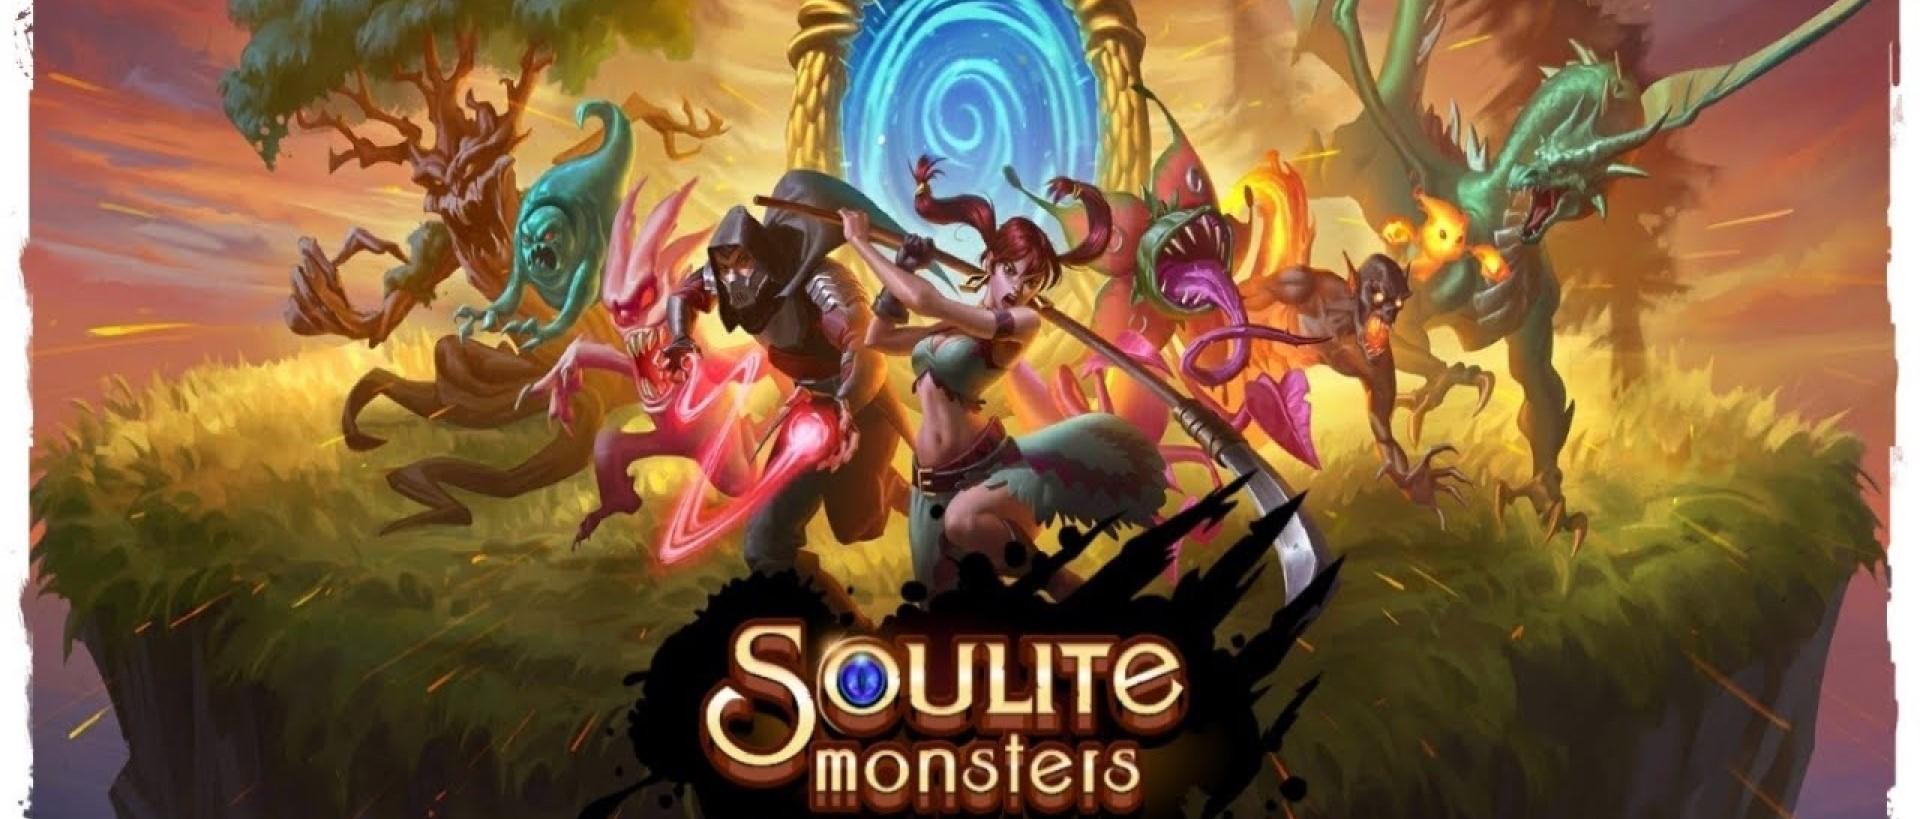 Soulite Monsters